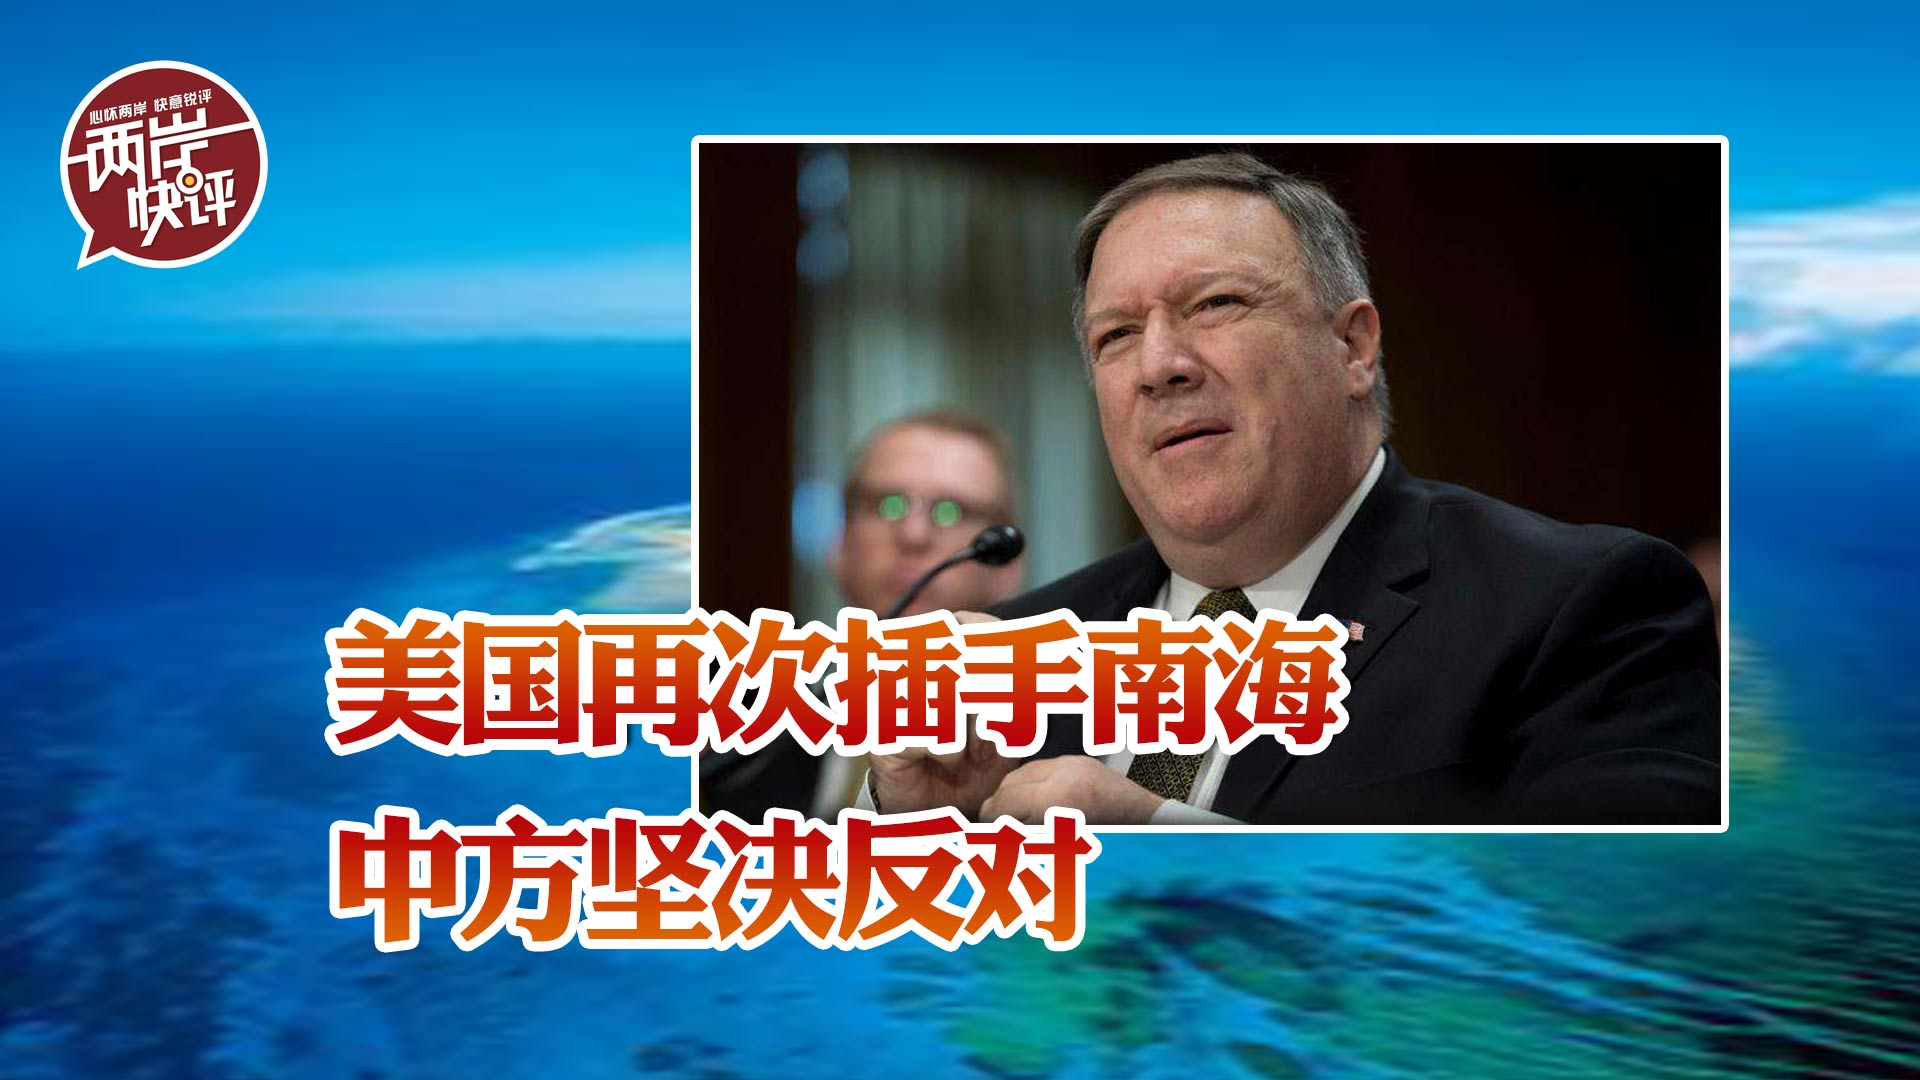 美國妄議中國南海主權,挑撥離間的圖謀絕不會得逞